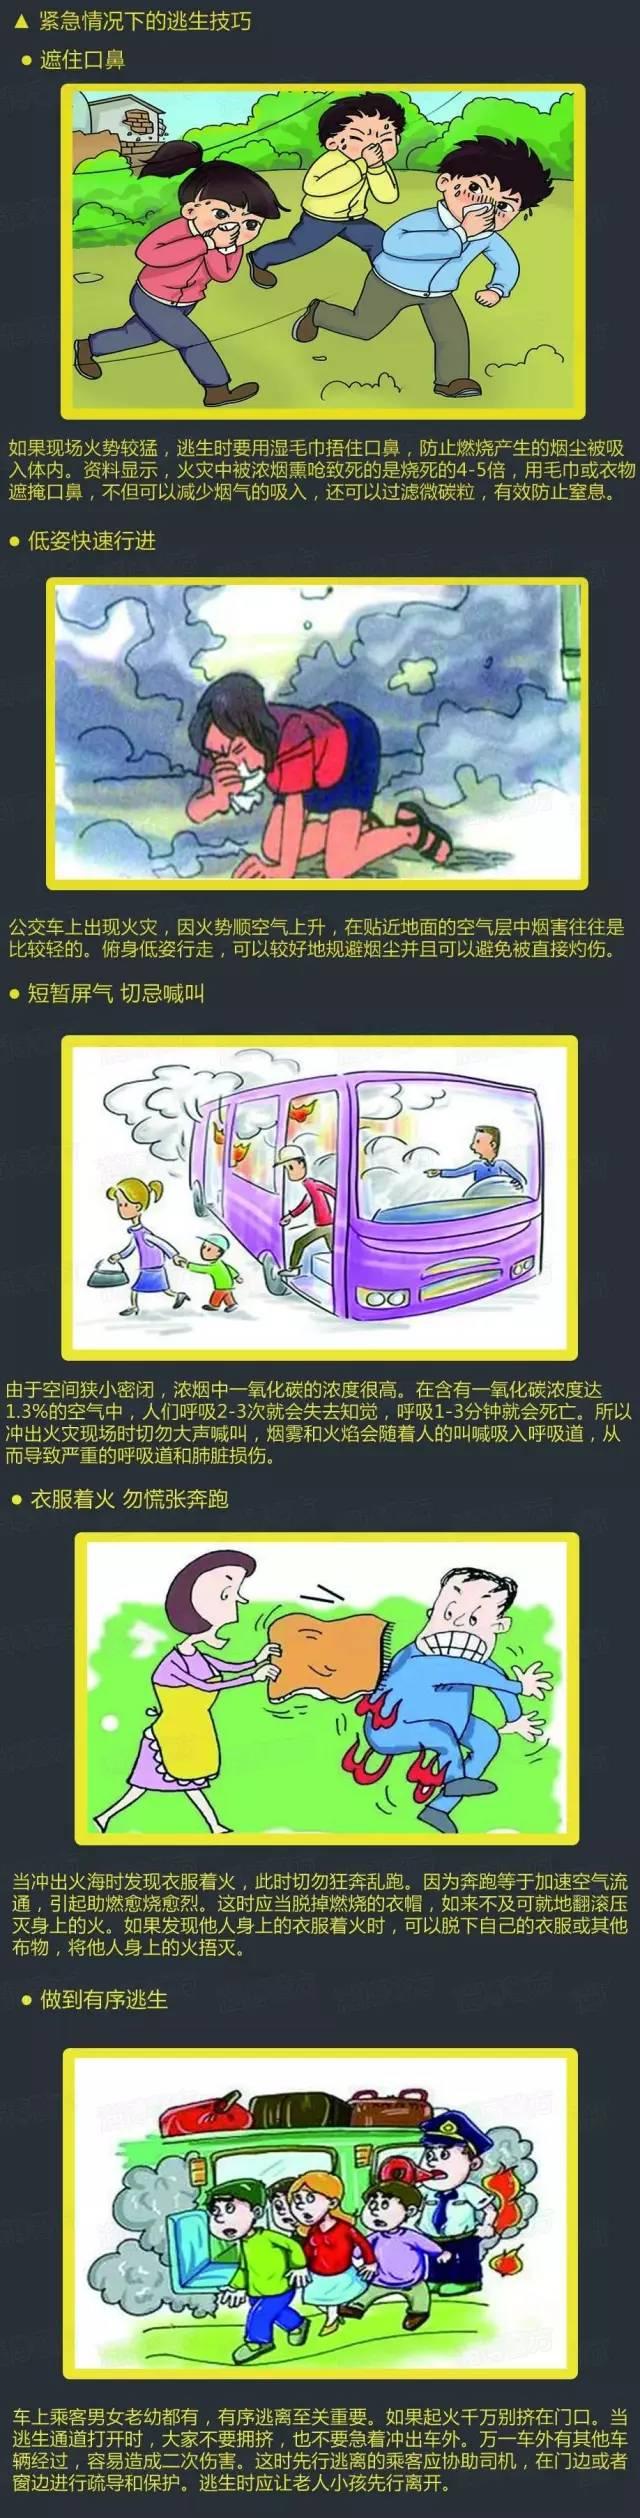 【突发】台湾一游览车发生车祸!3名天津游客受伤